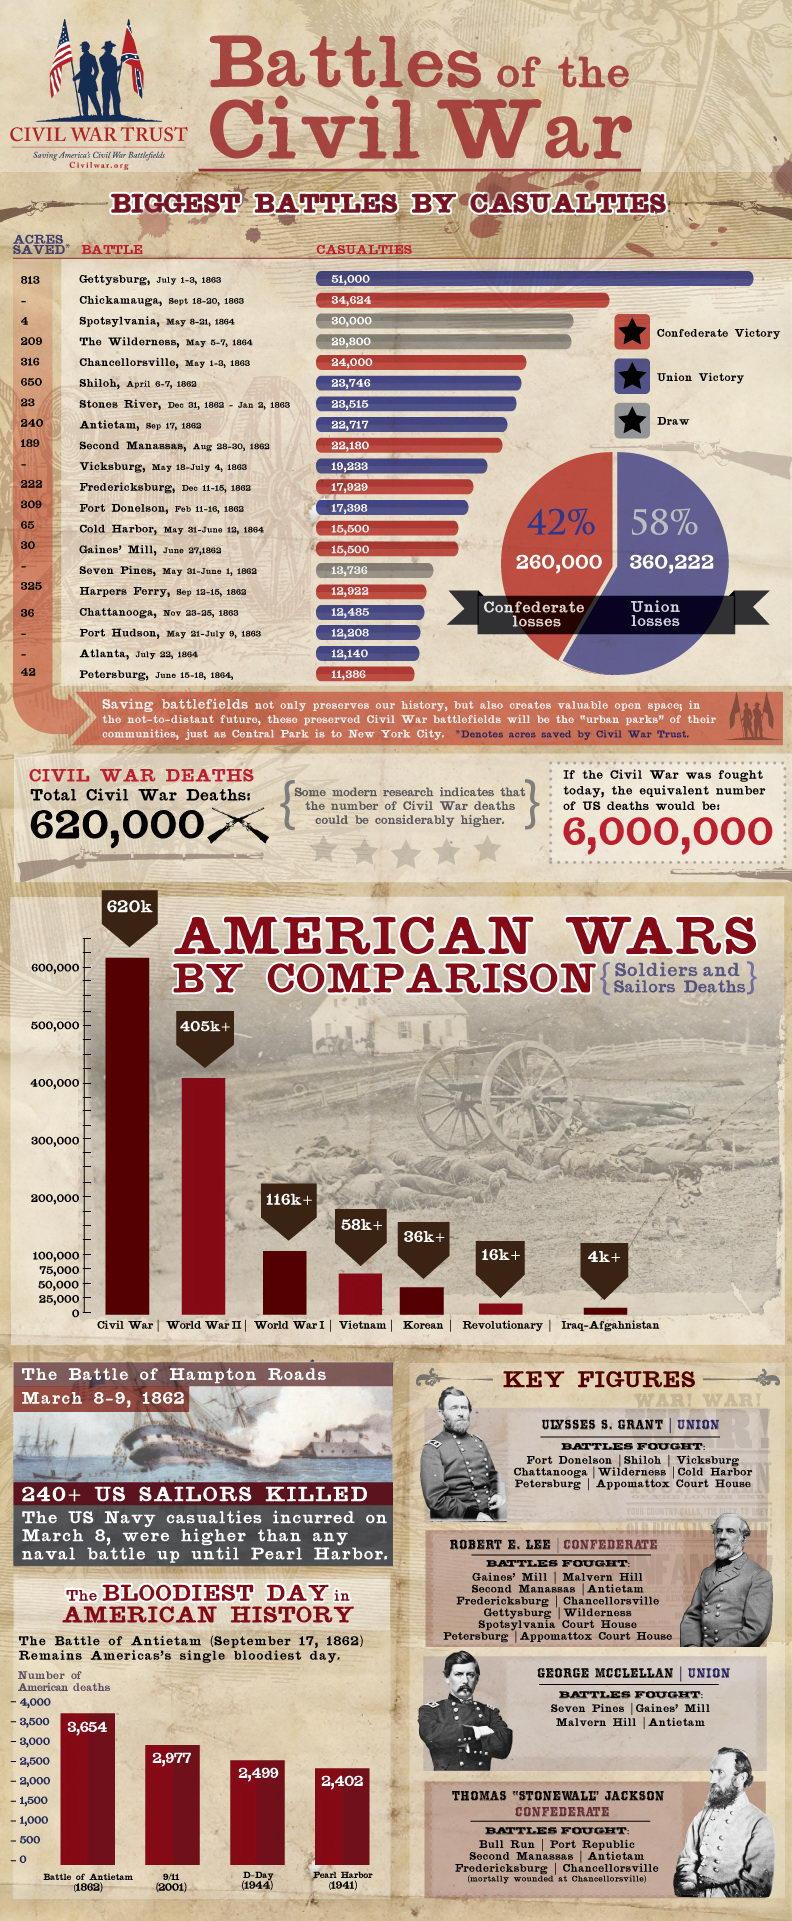 Batallas de la Guerra Civil Norteamericana Infografia - Curiosidades de la Historia